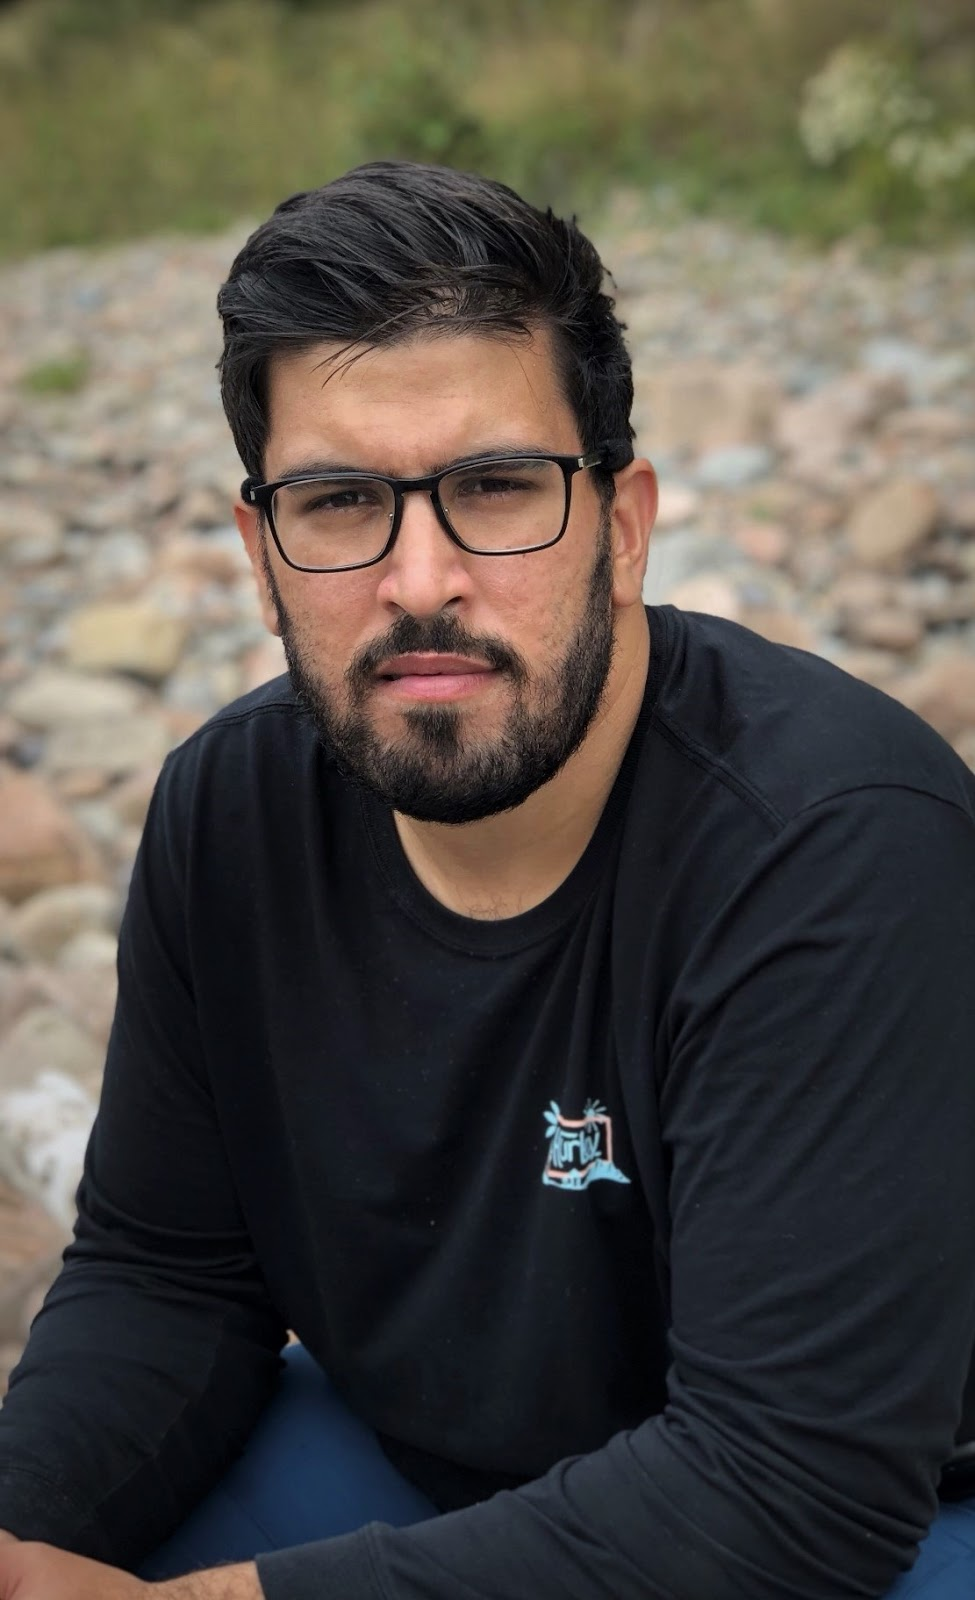 Portrait of Iman Javaheri